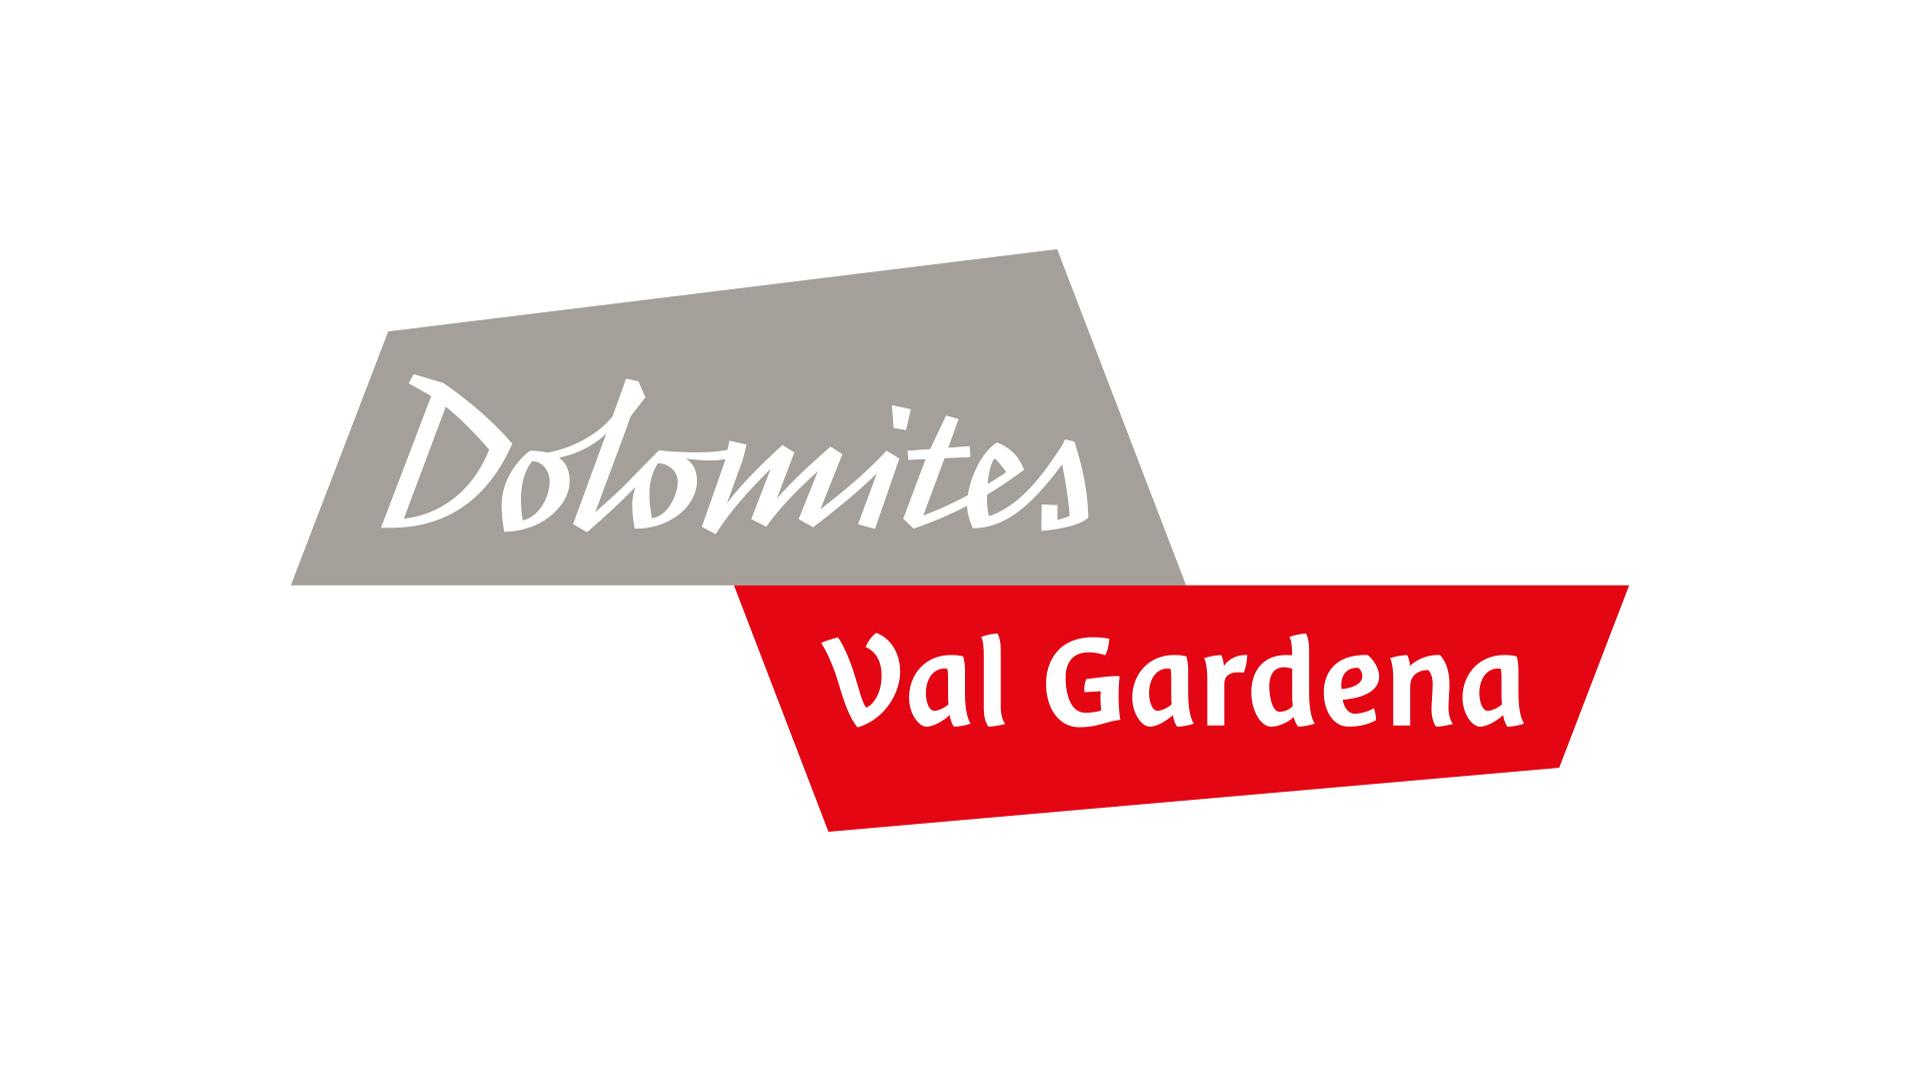 logo-dolomites-val-gardena.jpg